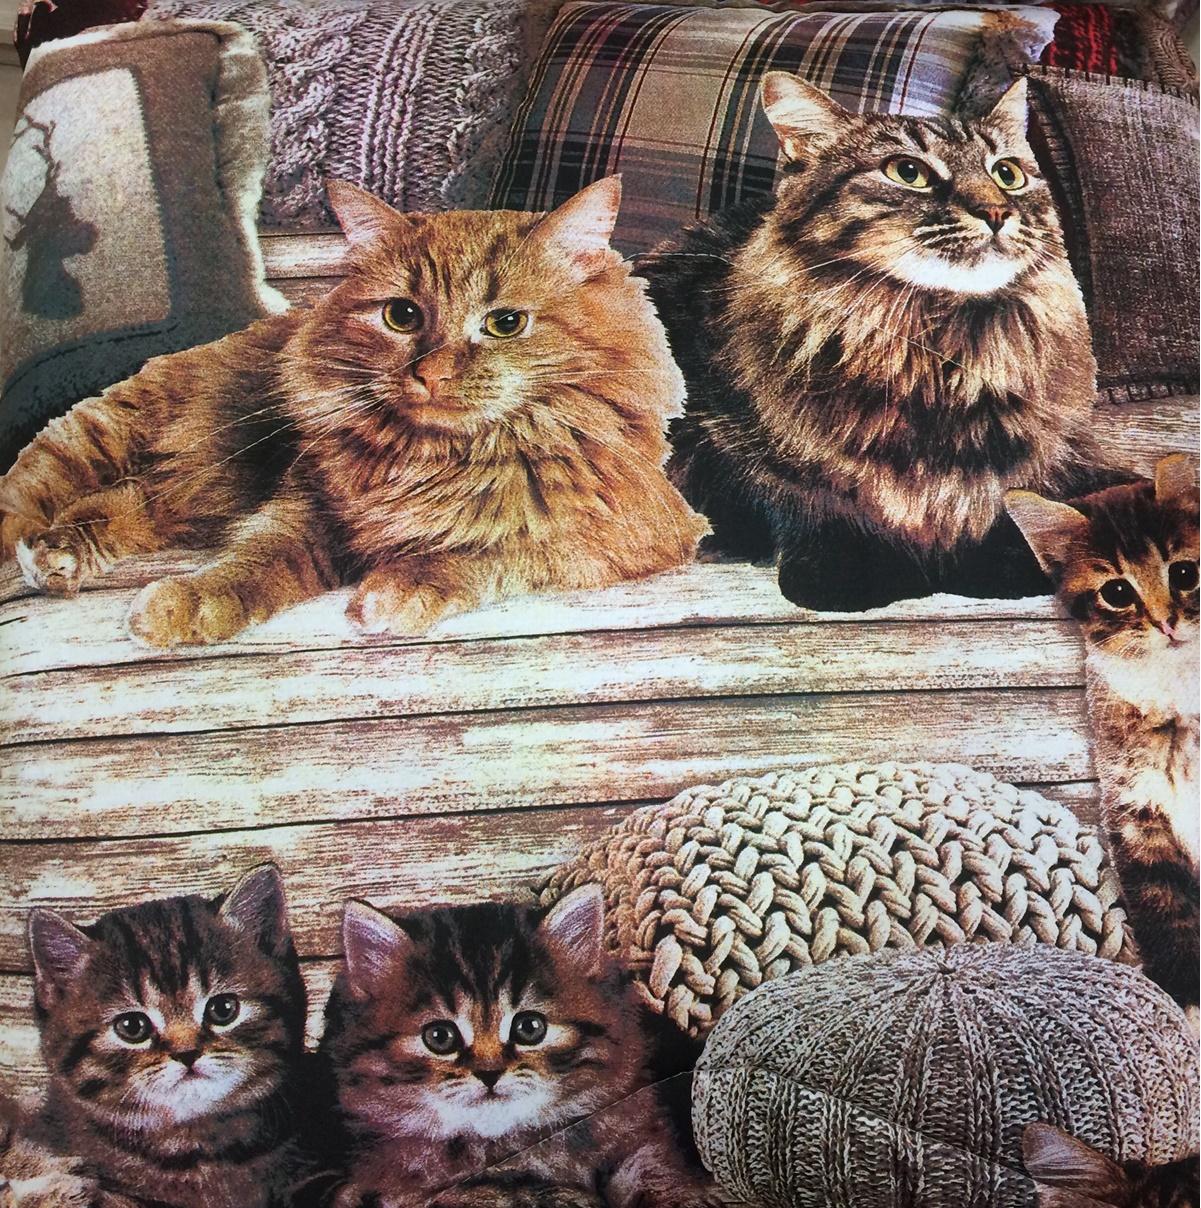 Copripiumino Matrimoniale Con Animali.Trapunta Gatti In Cotone Cose Di Casa Un Mondo Di Accessori Per